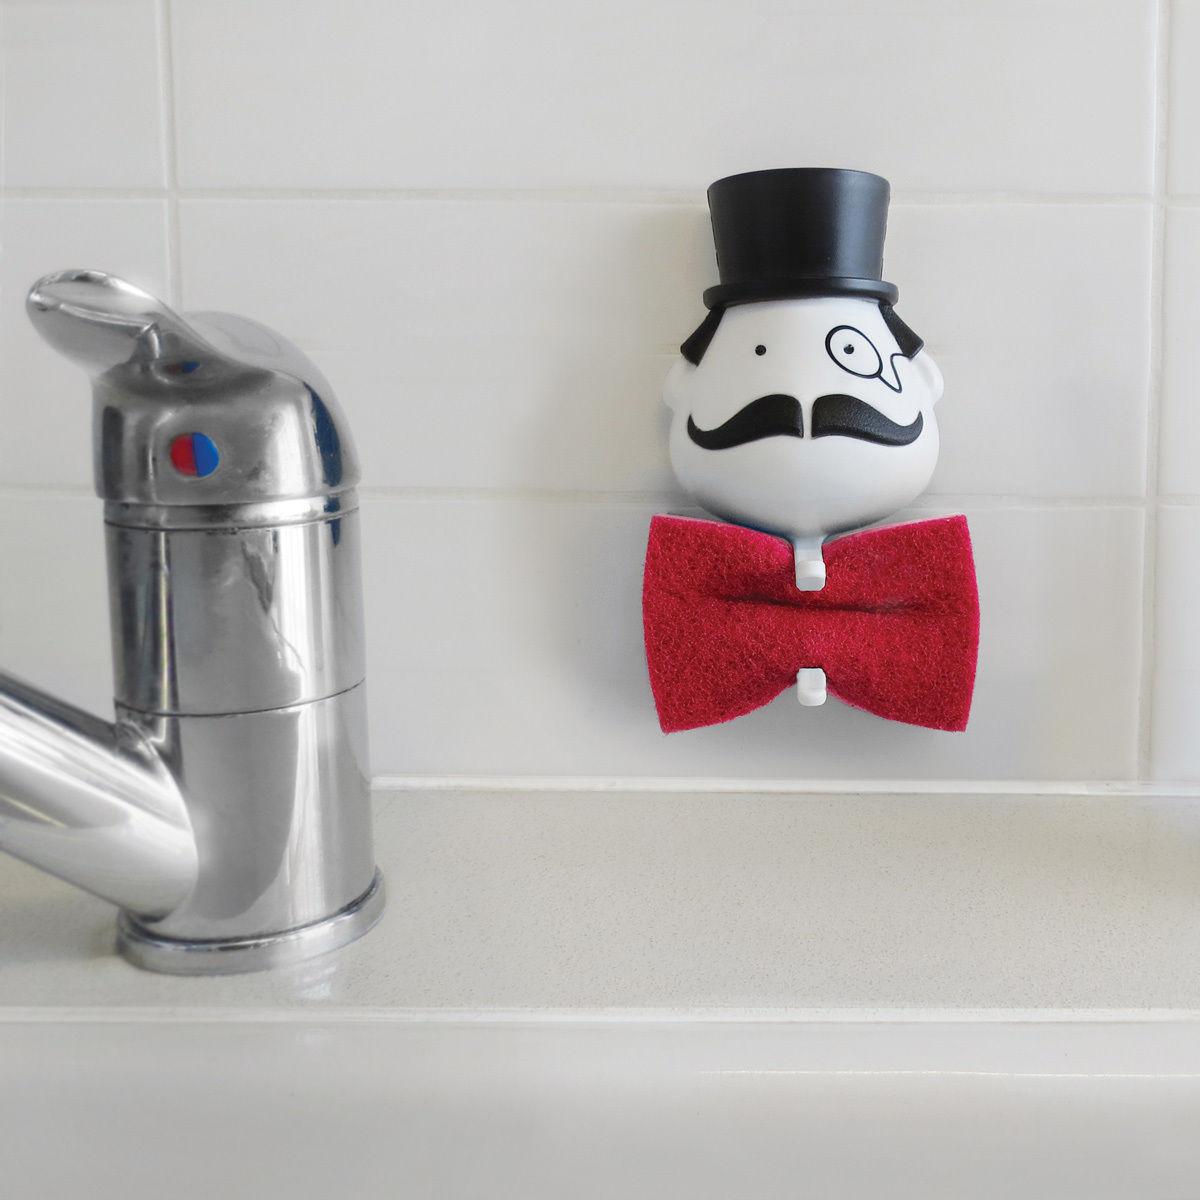 Gifts Sponge holder Funky Design Present Home Kitchen Sink Storage Racks Decor